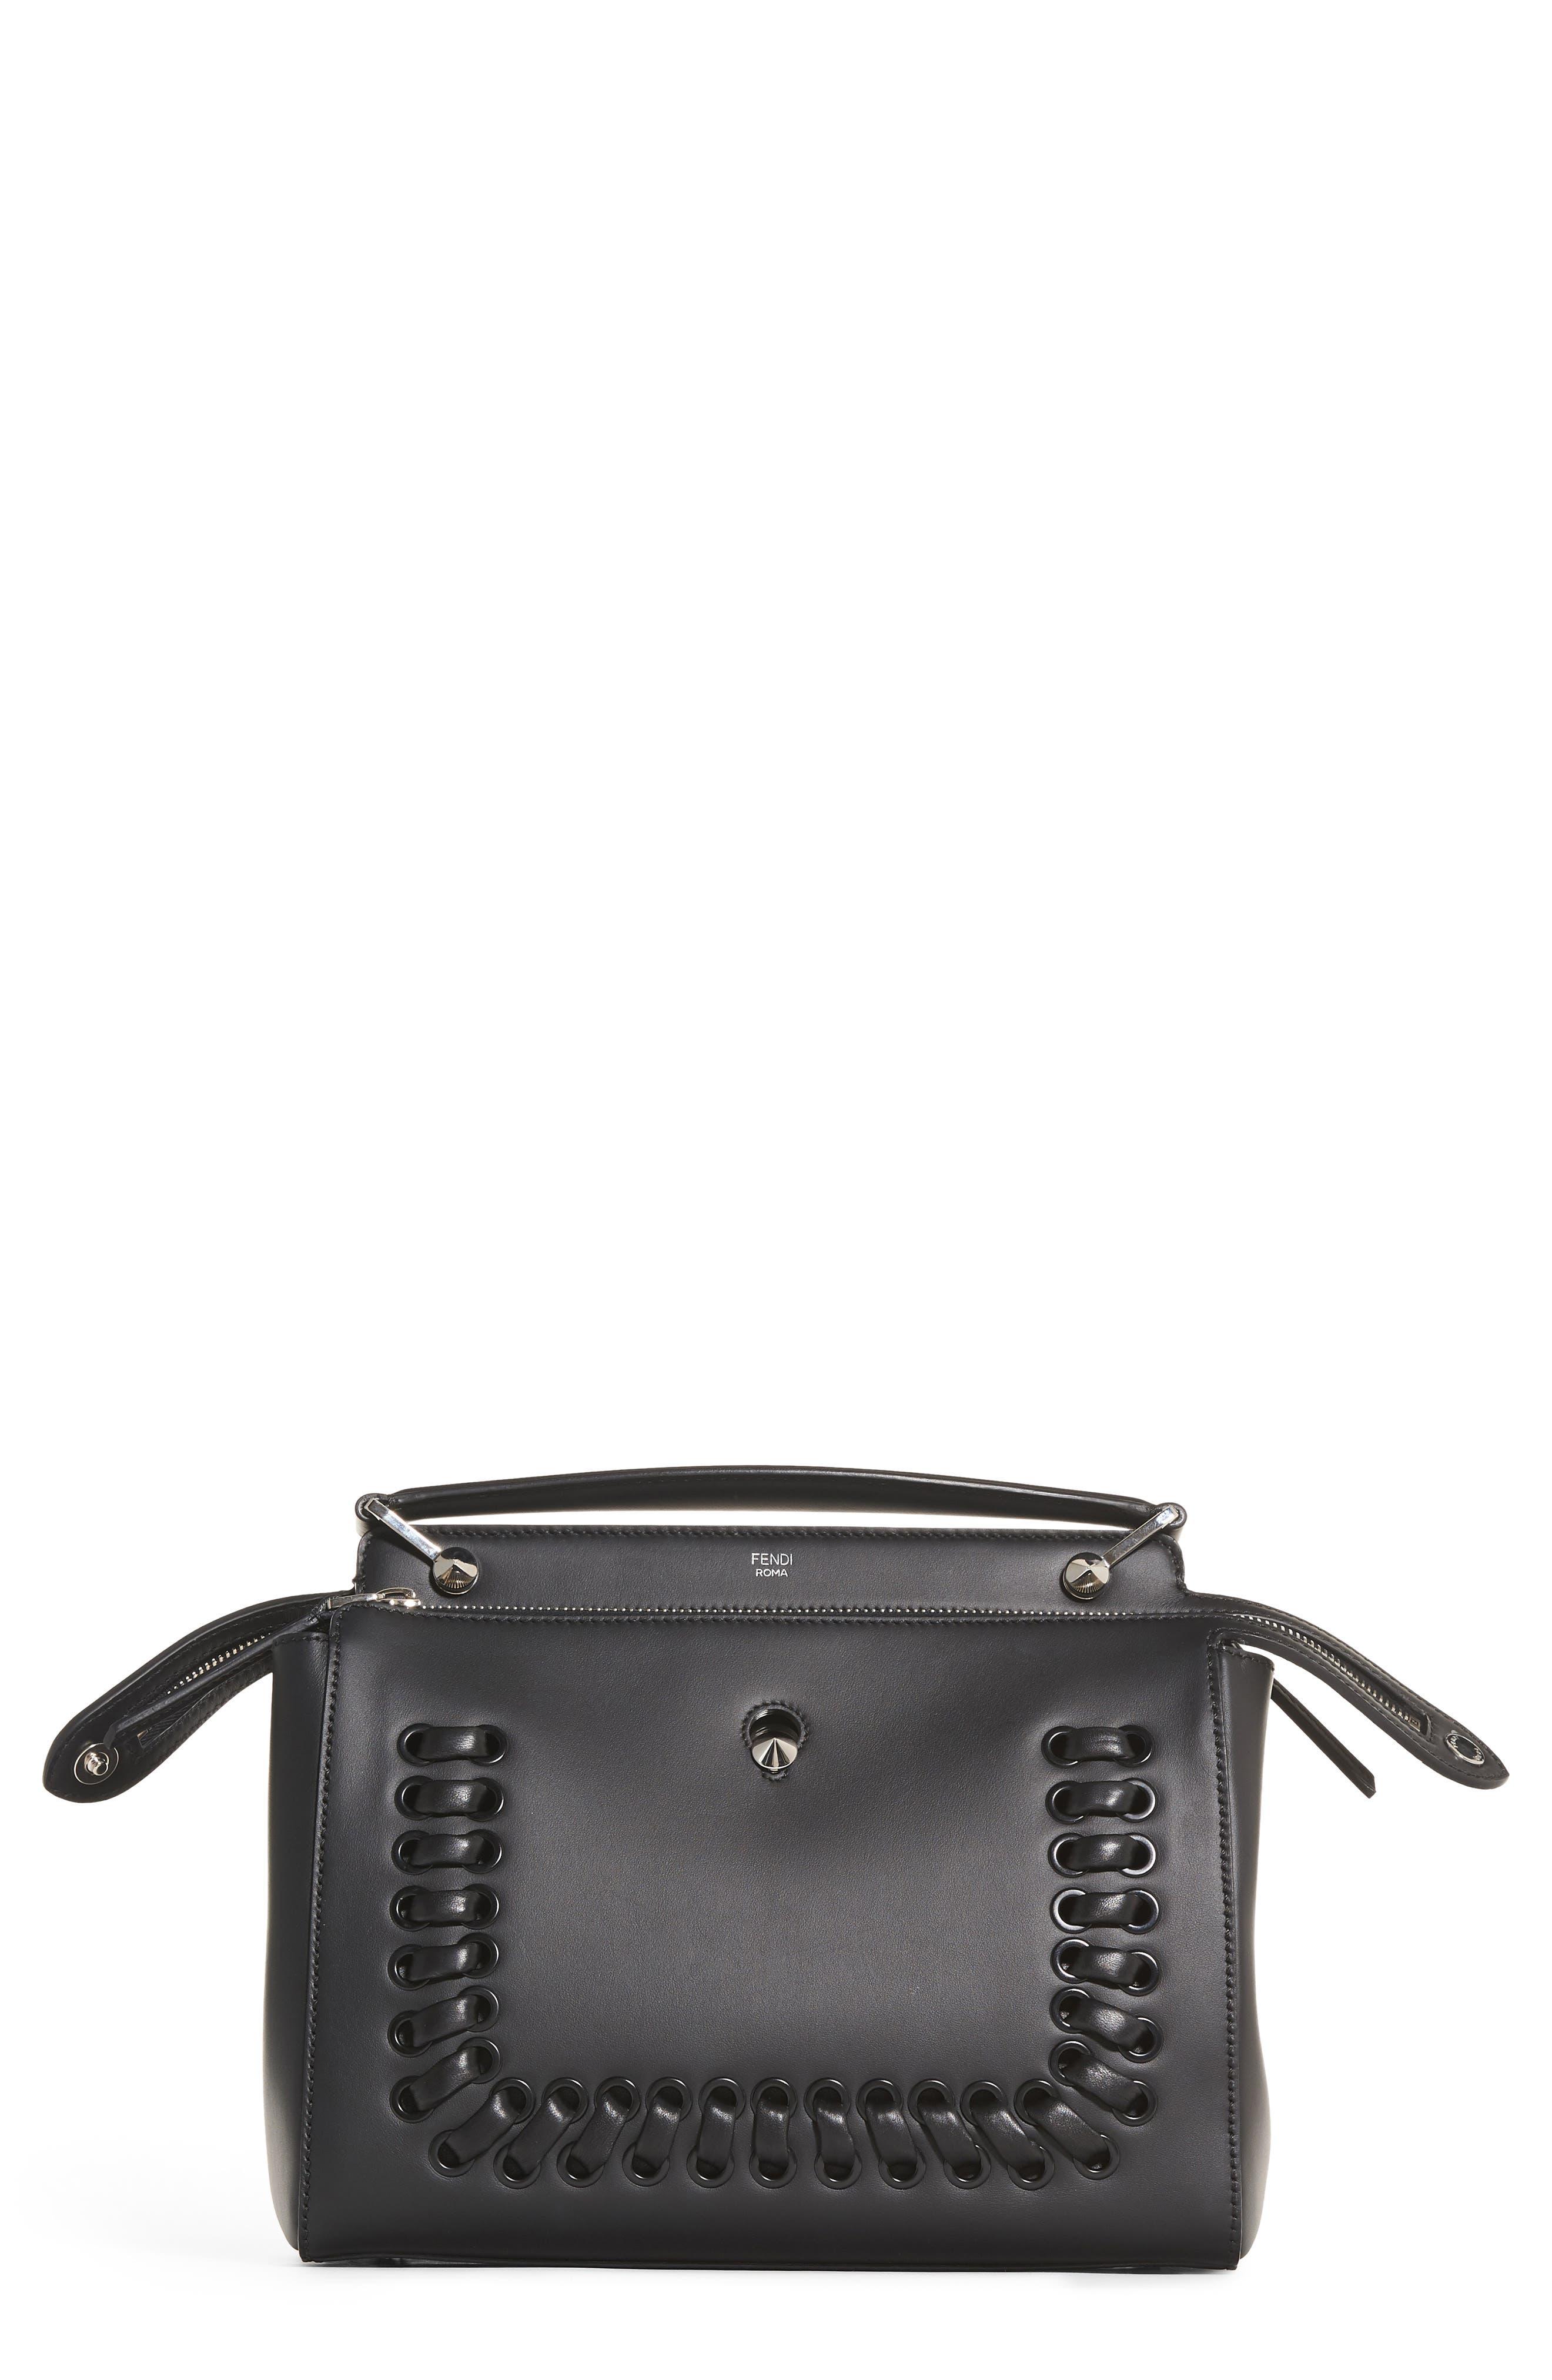 FENDI 'DOTCOM' Lace-Up Leather Satchel, Main, color, 004